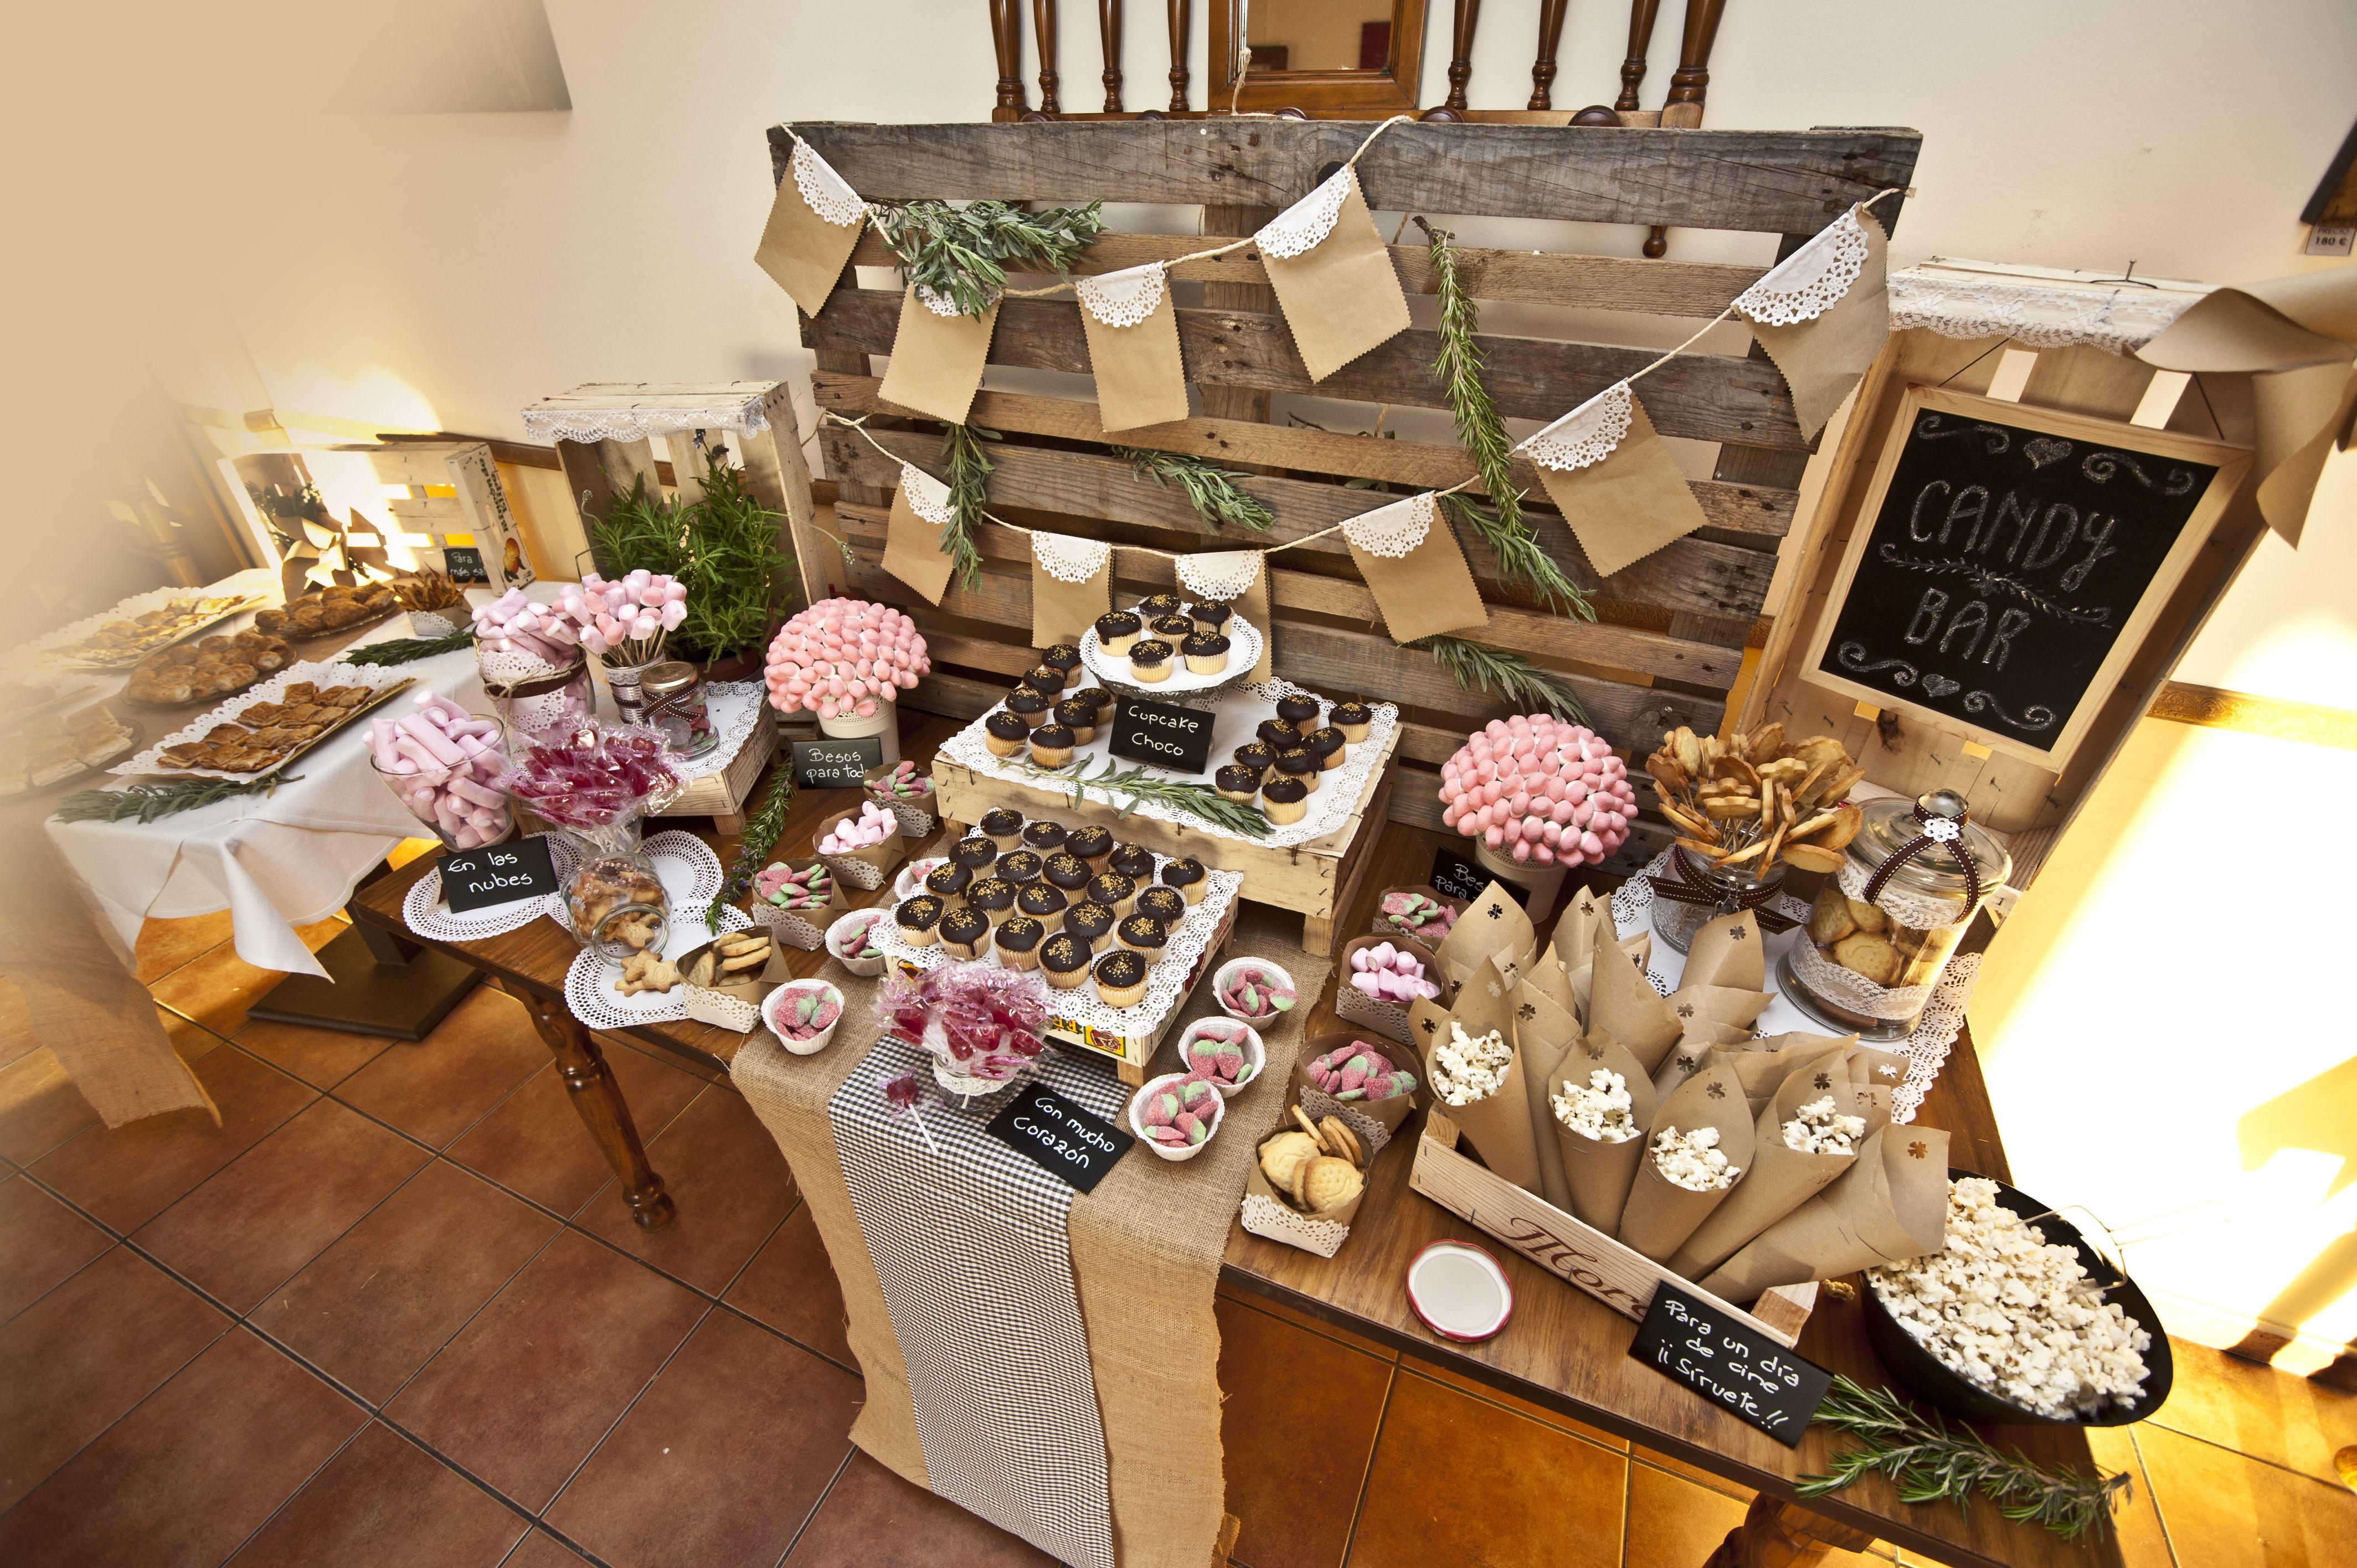 Mesa dulce r stica realizada en el restaurante ginebre - Decoracion alicante ...